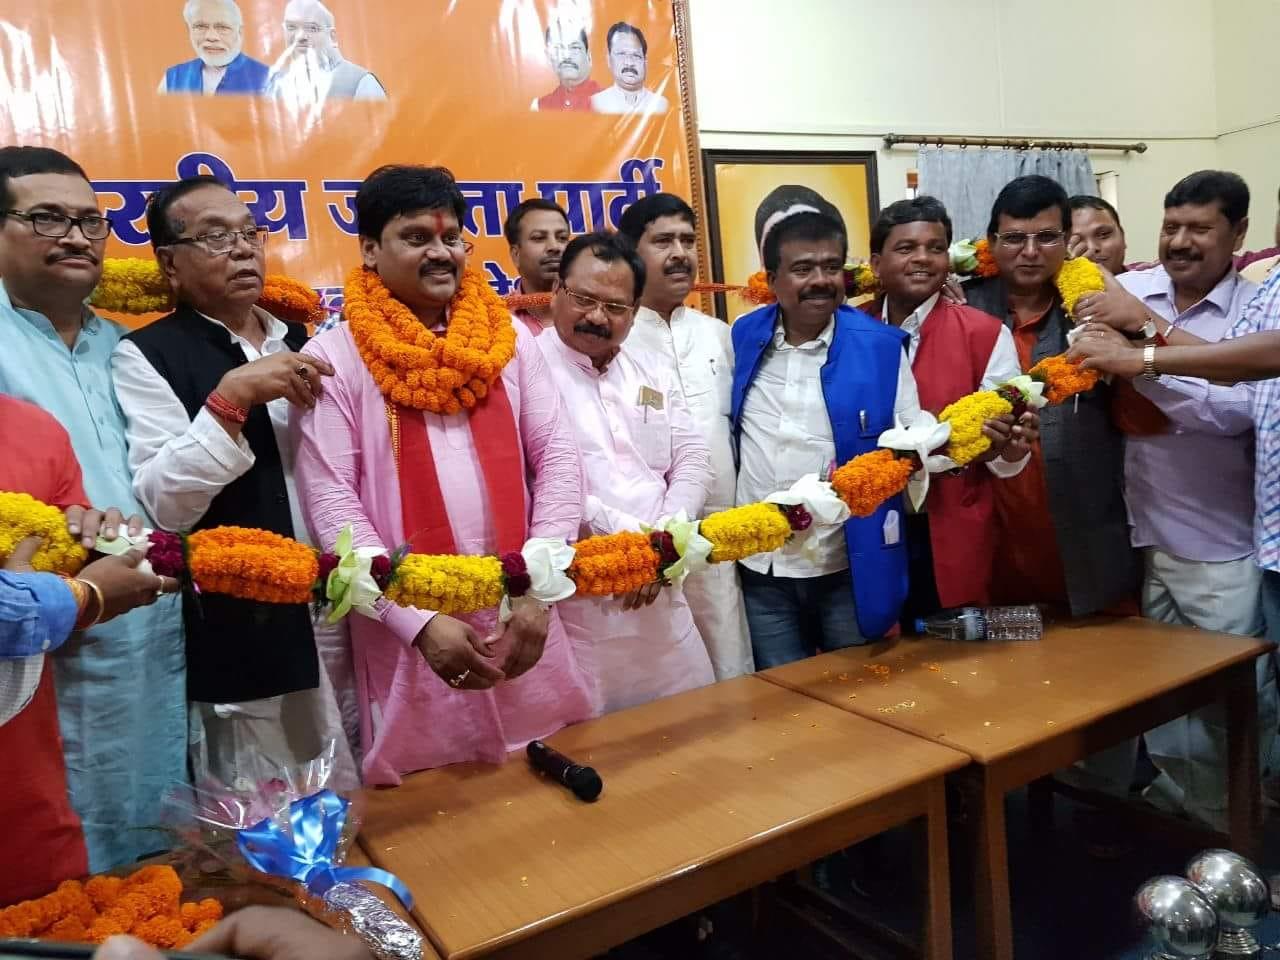 <p>कांके जीप सदस्य अनिल महतो उर्फ अनिल टाइगर समर्थकों के साथ भाजपा में शामिल हुए स्वागत करते प्रदेश अध्यक्ष, जिलाध्यक्ष के साथ रांची सांसद रामटहल चौधरी, प्रदेश उपाध्यक्ष आदित्य प्रसाद,महामंत्री&#8230;